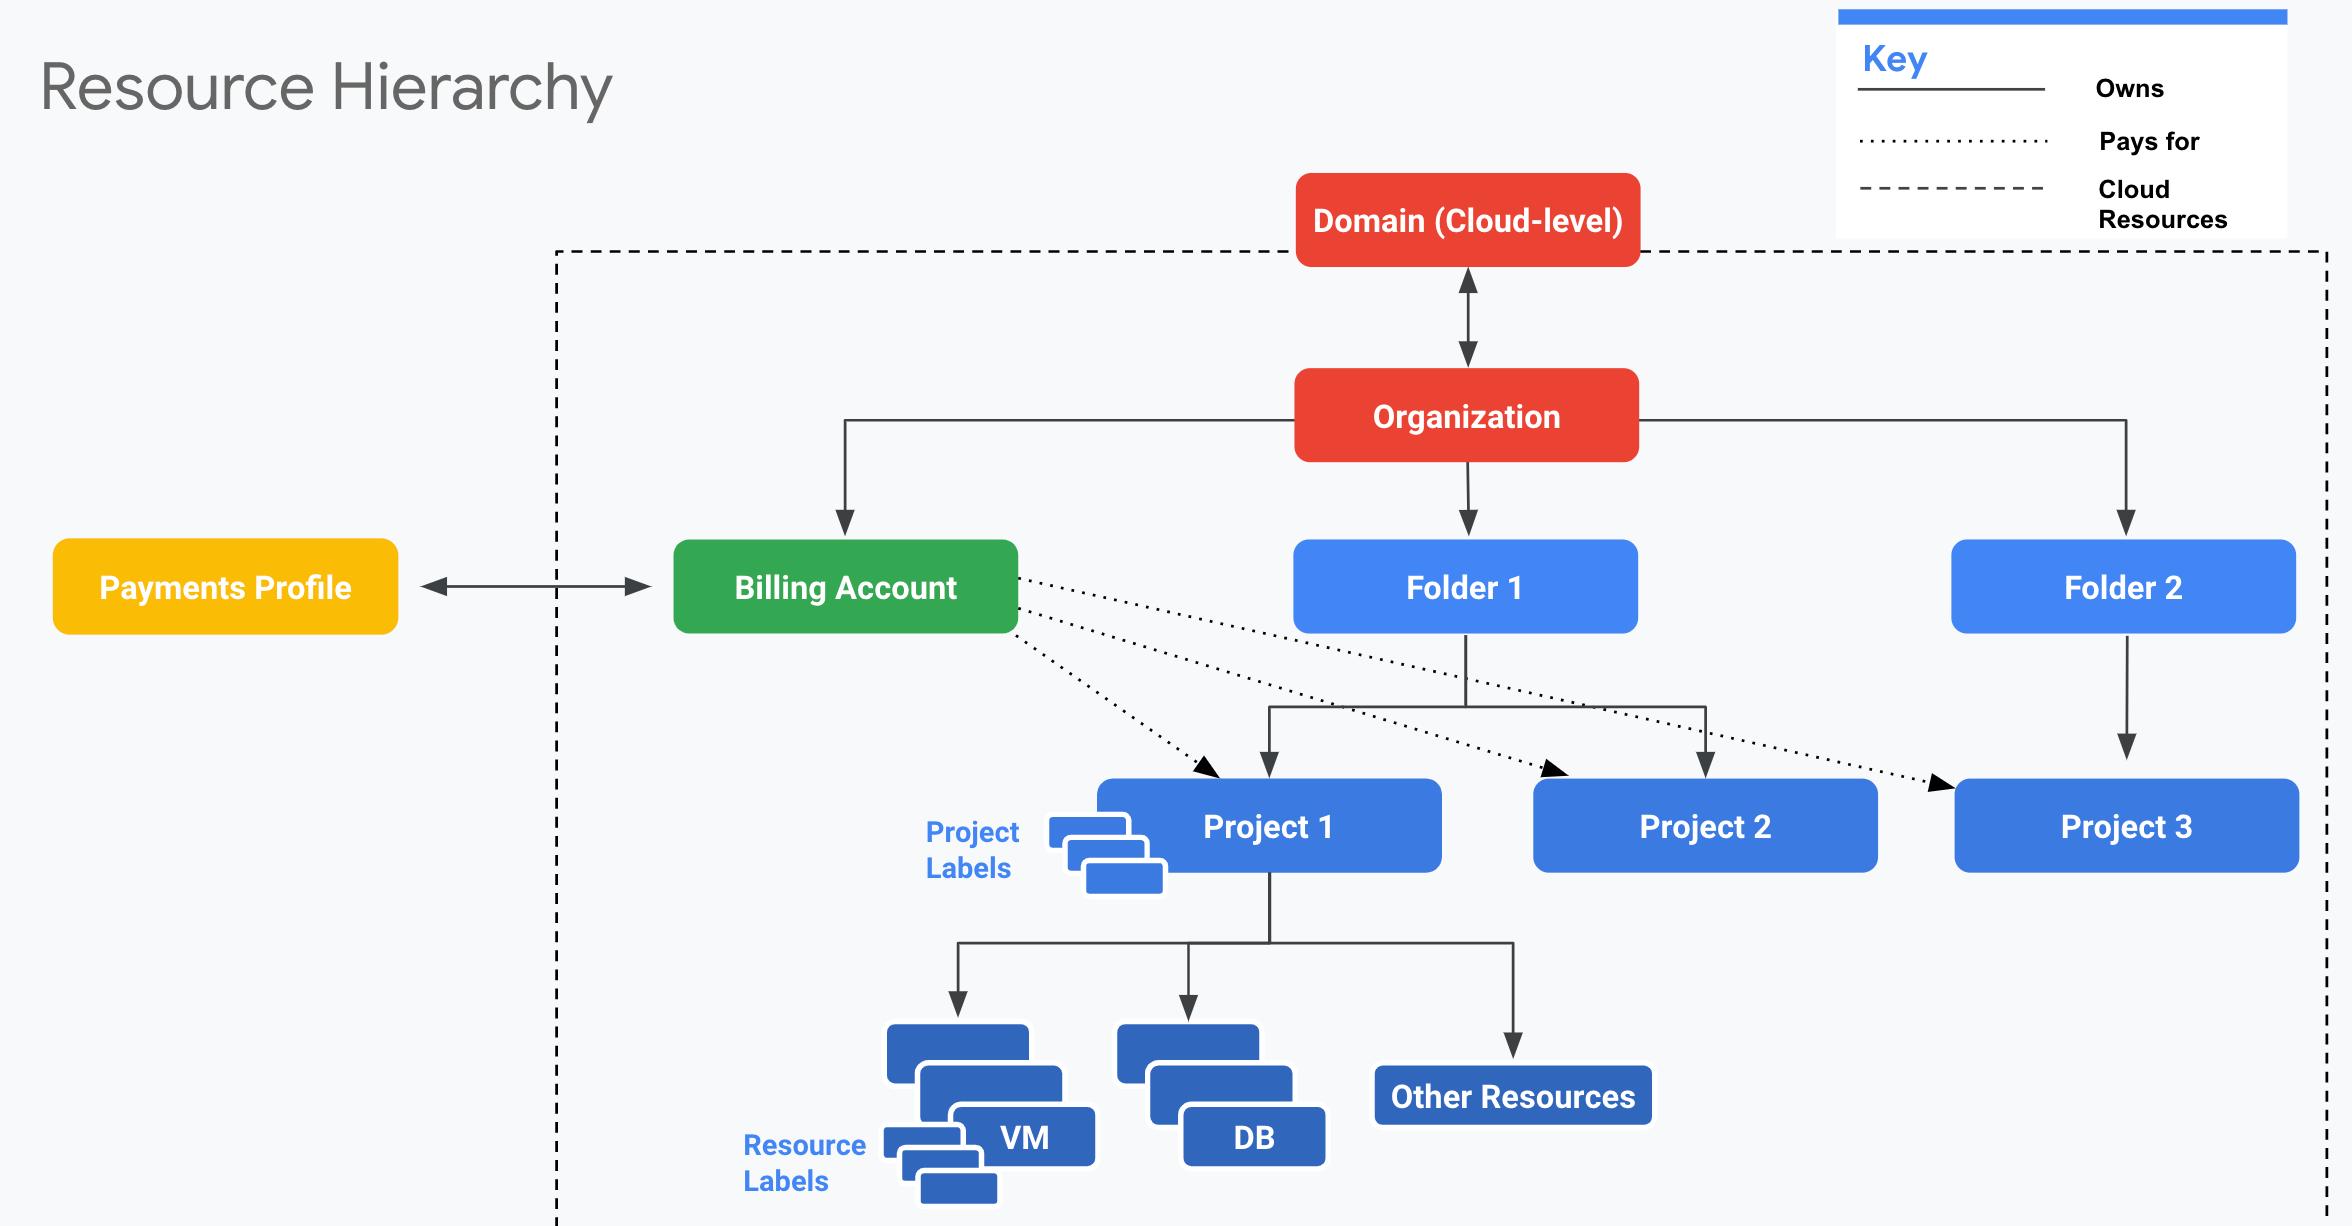 Exemple de hiérarchie de ressources illustrant les ressources principales au niveau du compte impliquées dans l'administration de votre compte GoogleCloud, ainsi que leur relation avec votre compte CloudBilling et votre profil de paiement Cloud.